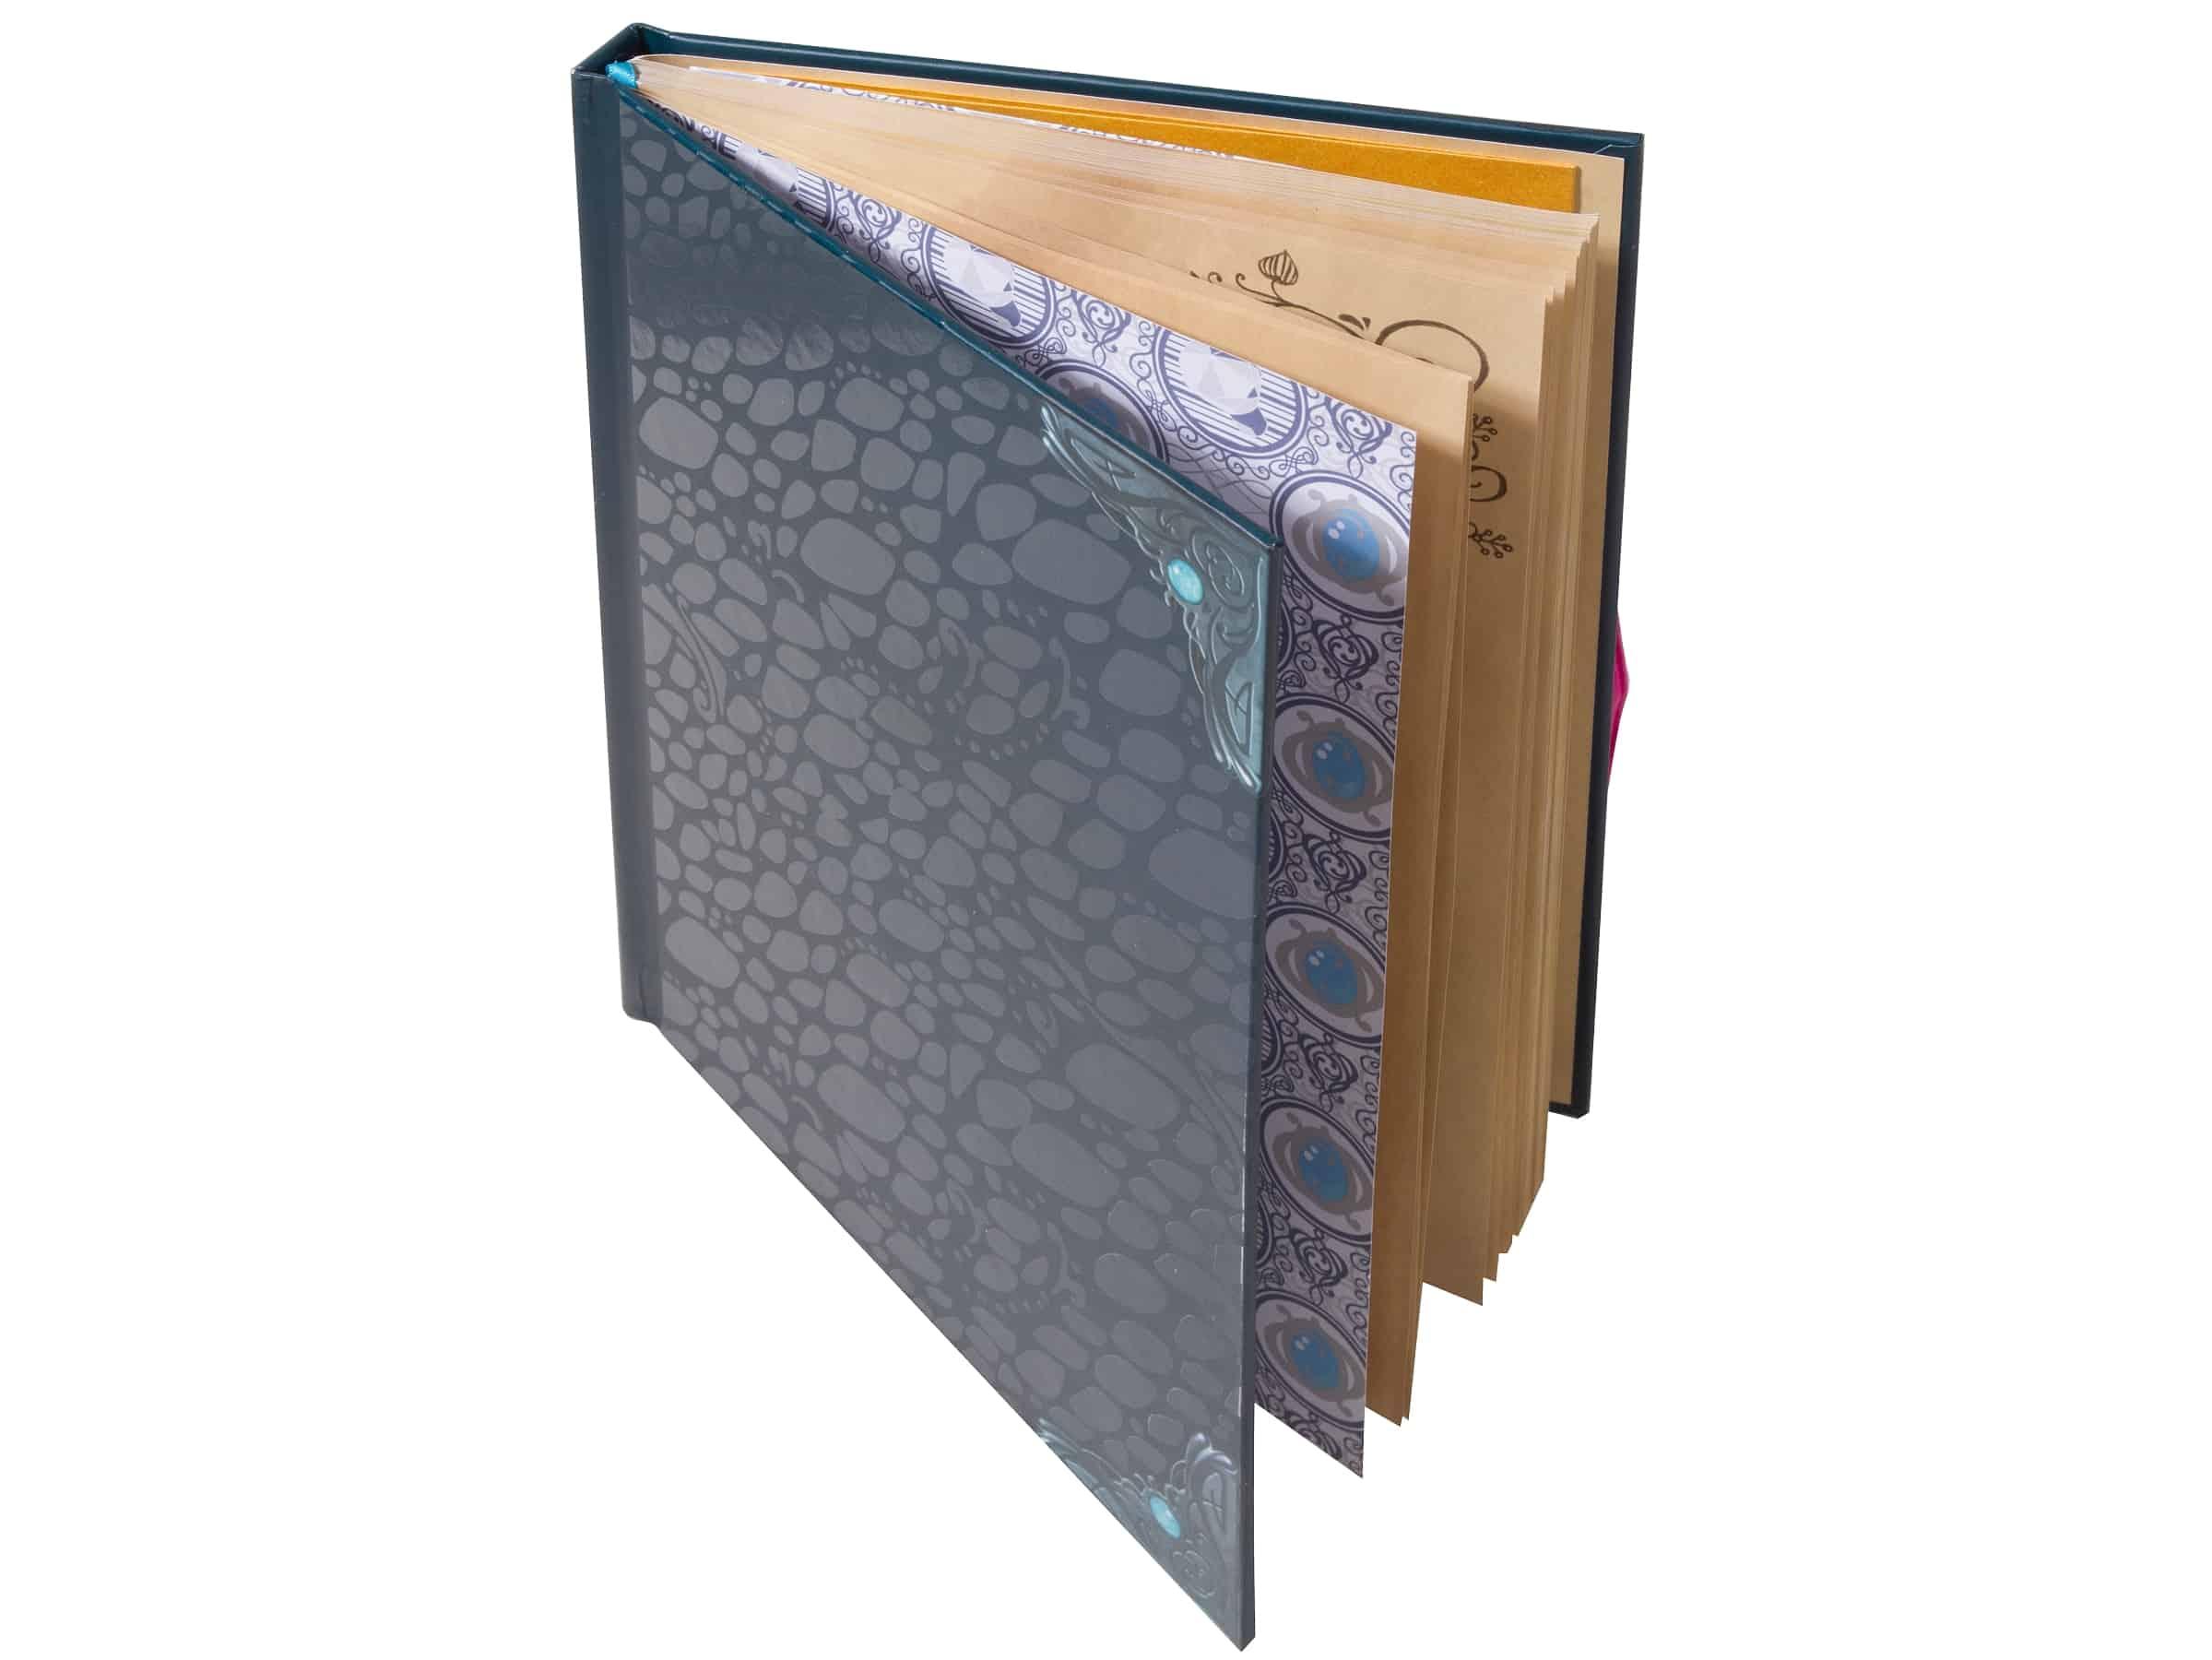 lego elves emily jones schetsboek 853565